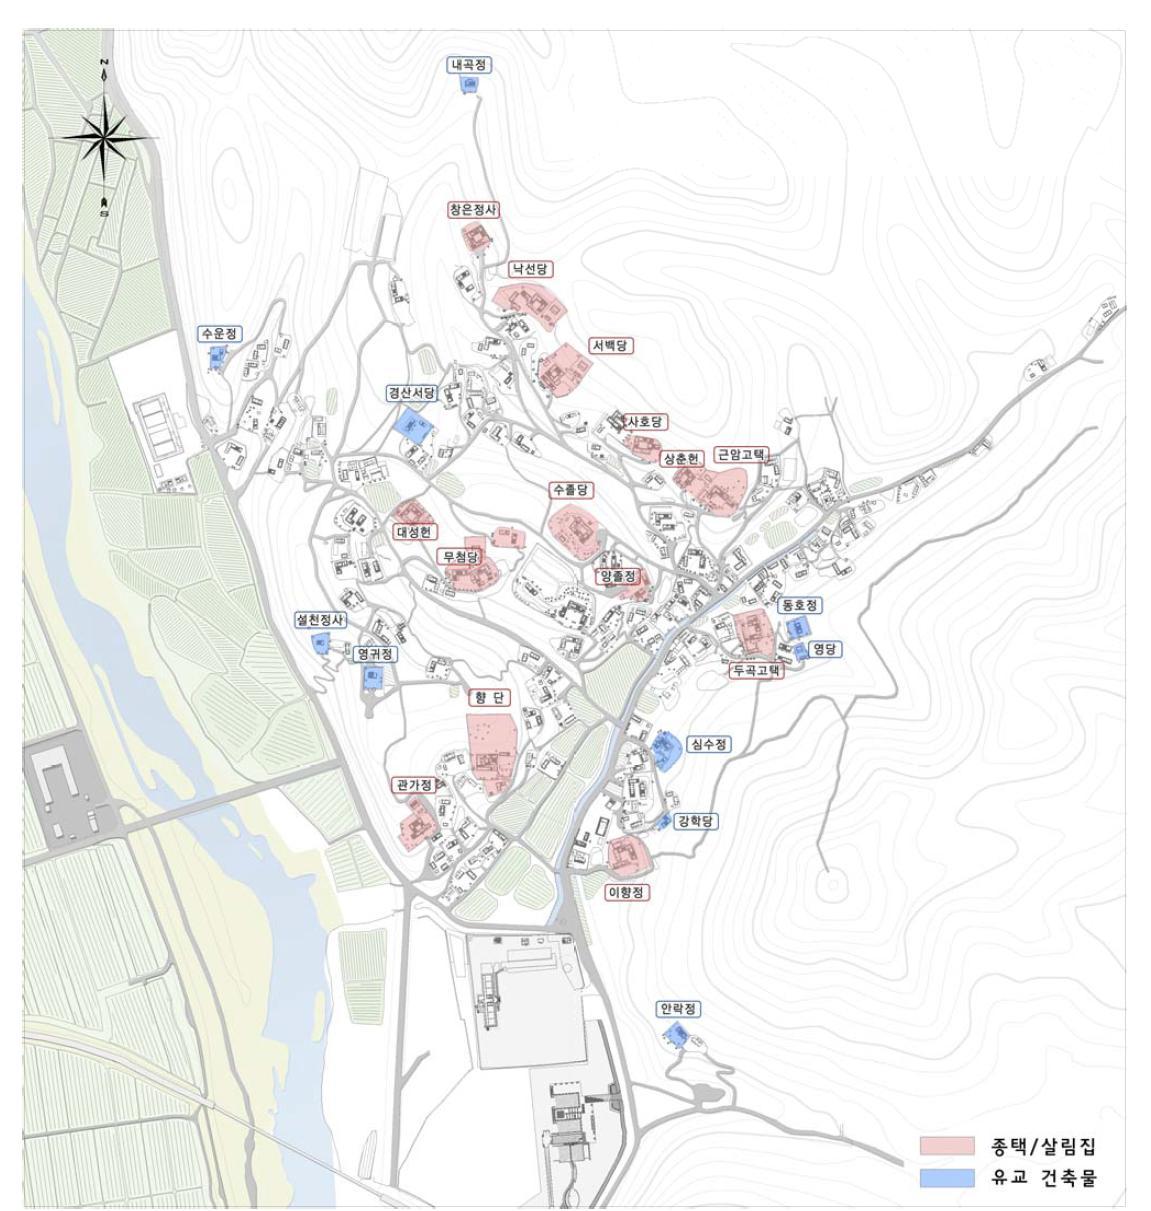 양동마을의 주택과 유교건축물(location of houses and confucian buildings in Yangdong village) 『양동마을보존관리정비계획(2013)』